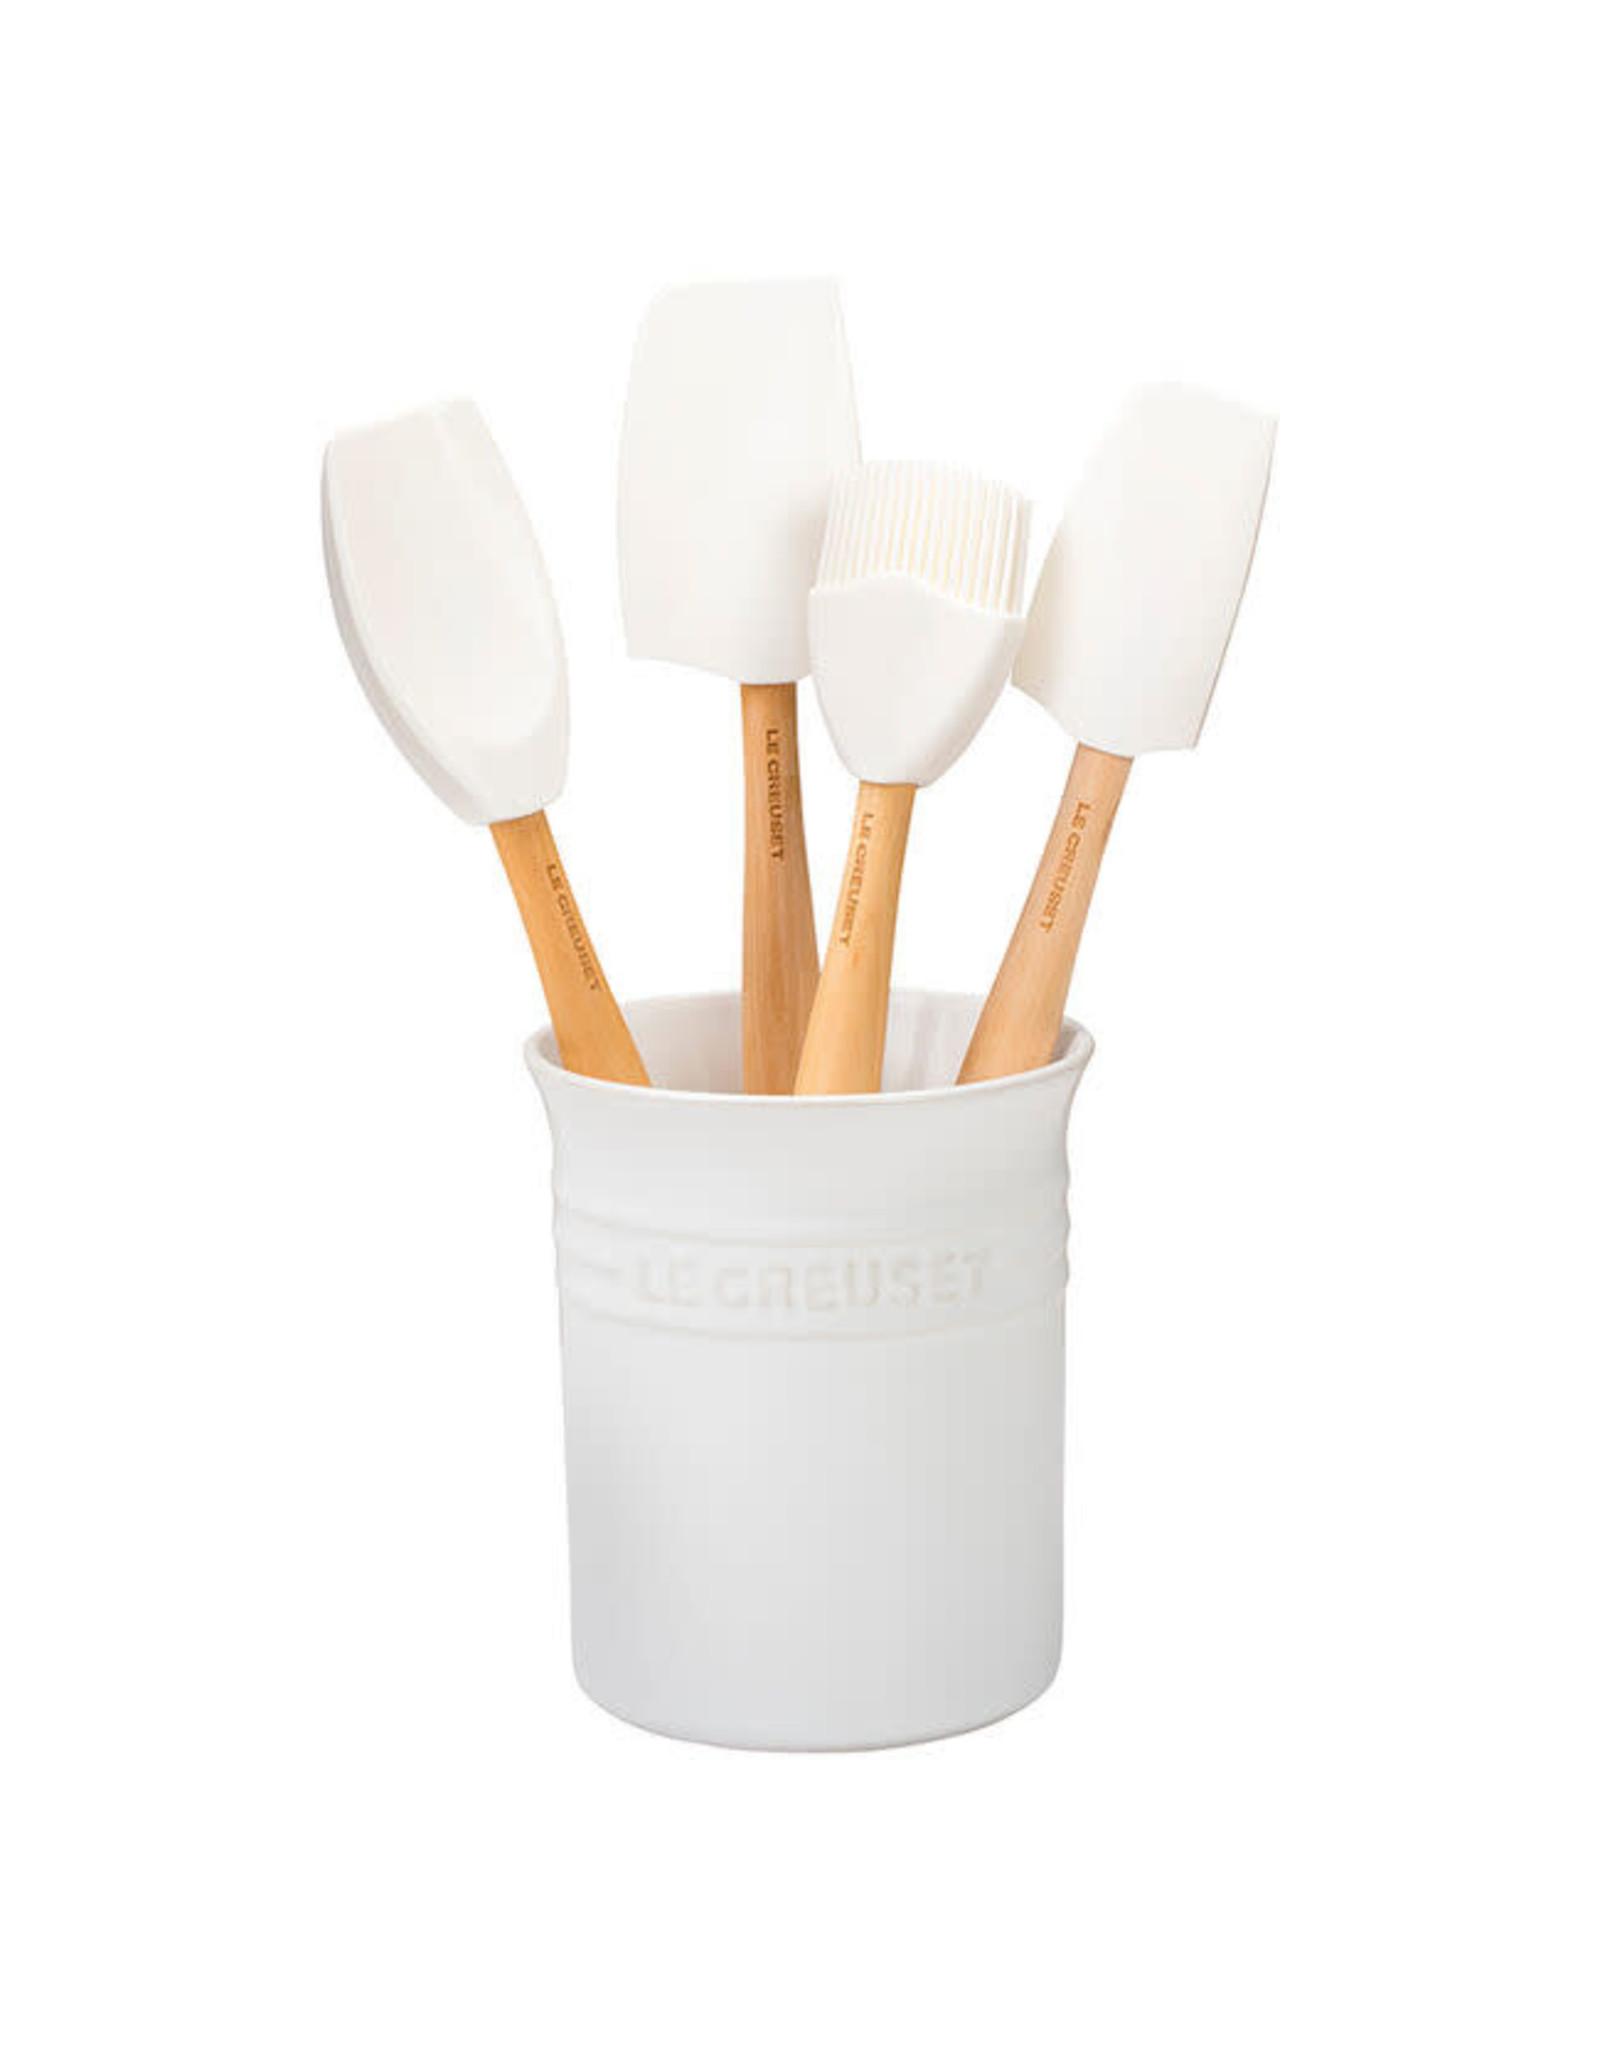 Le Creuset LE CREUSET- 5 Piece Utensil Set White